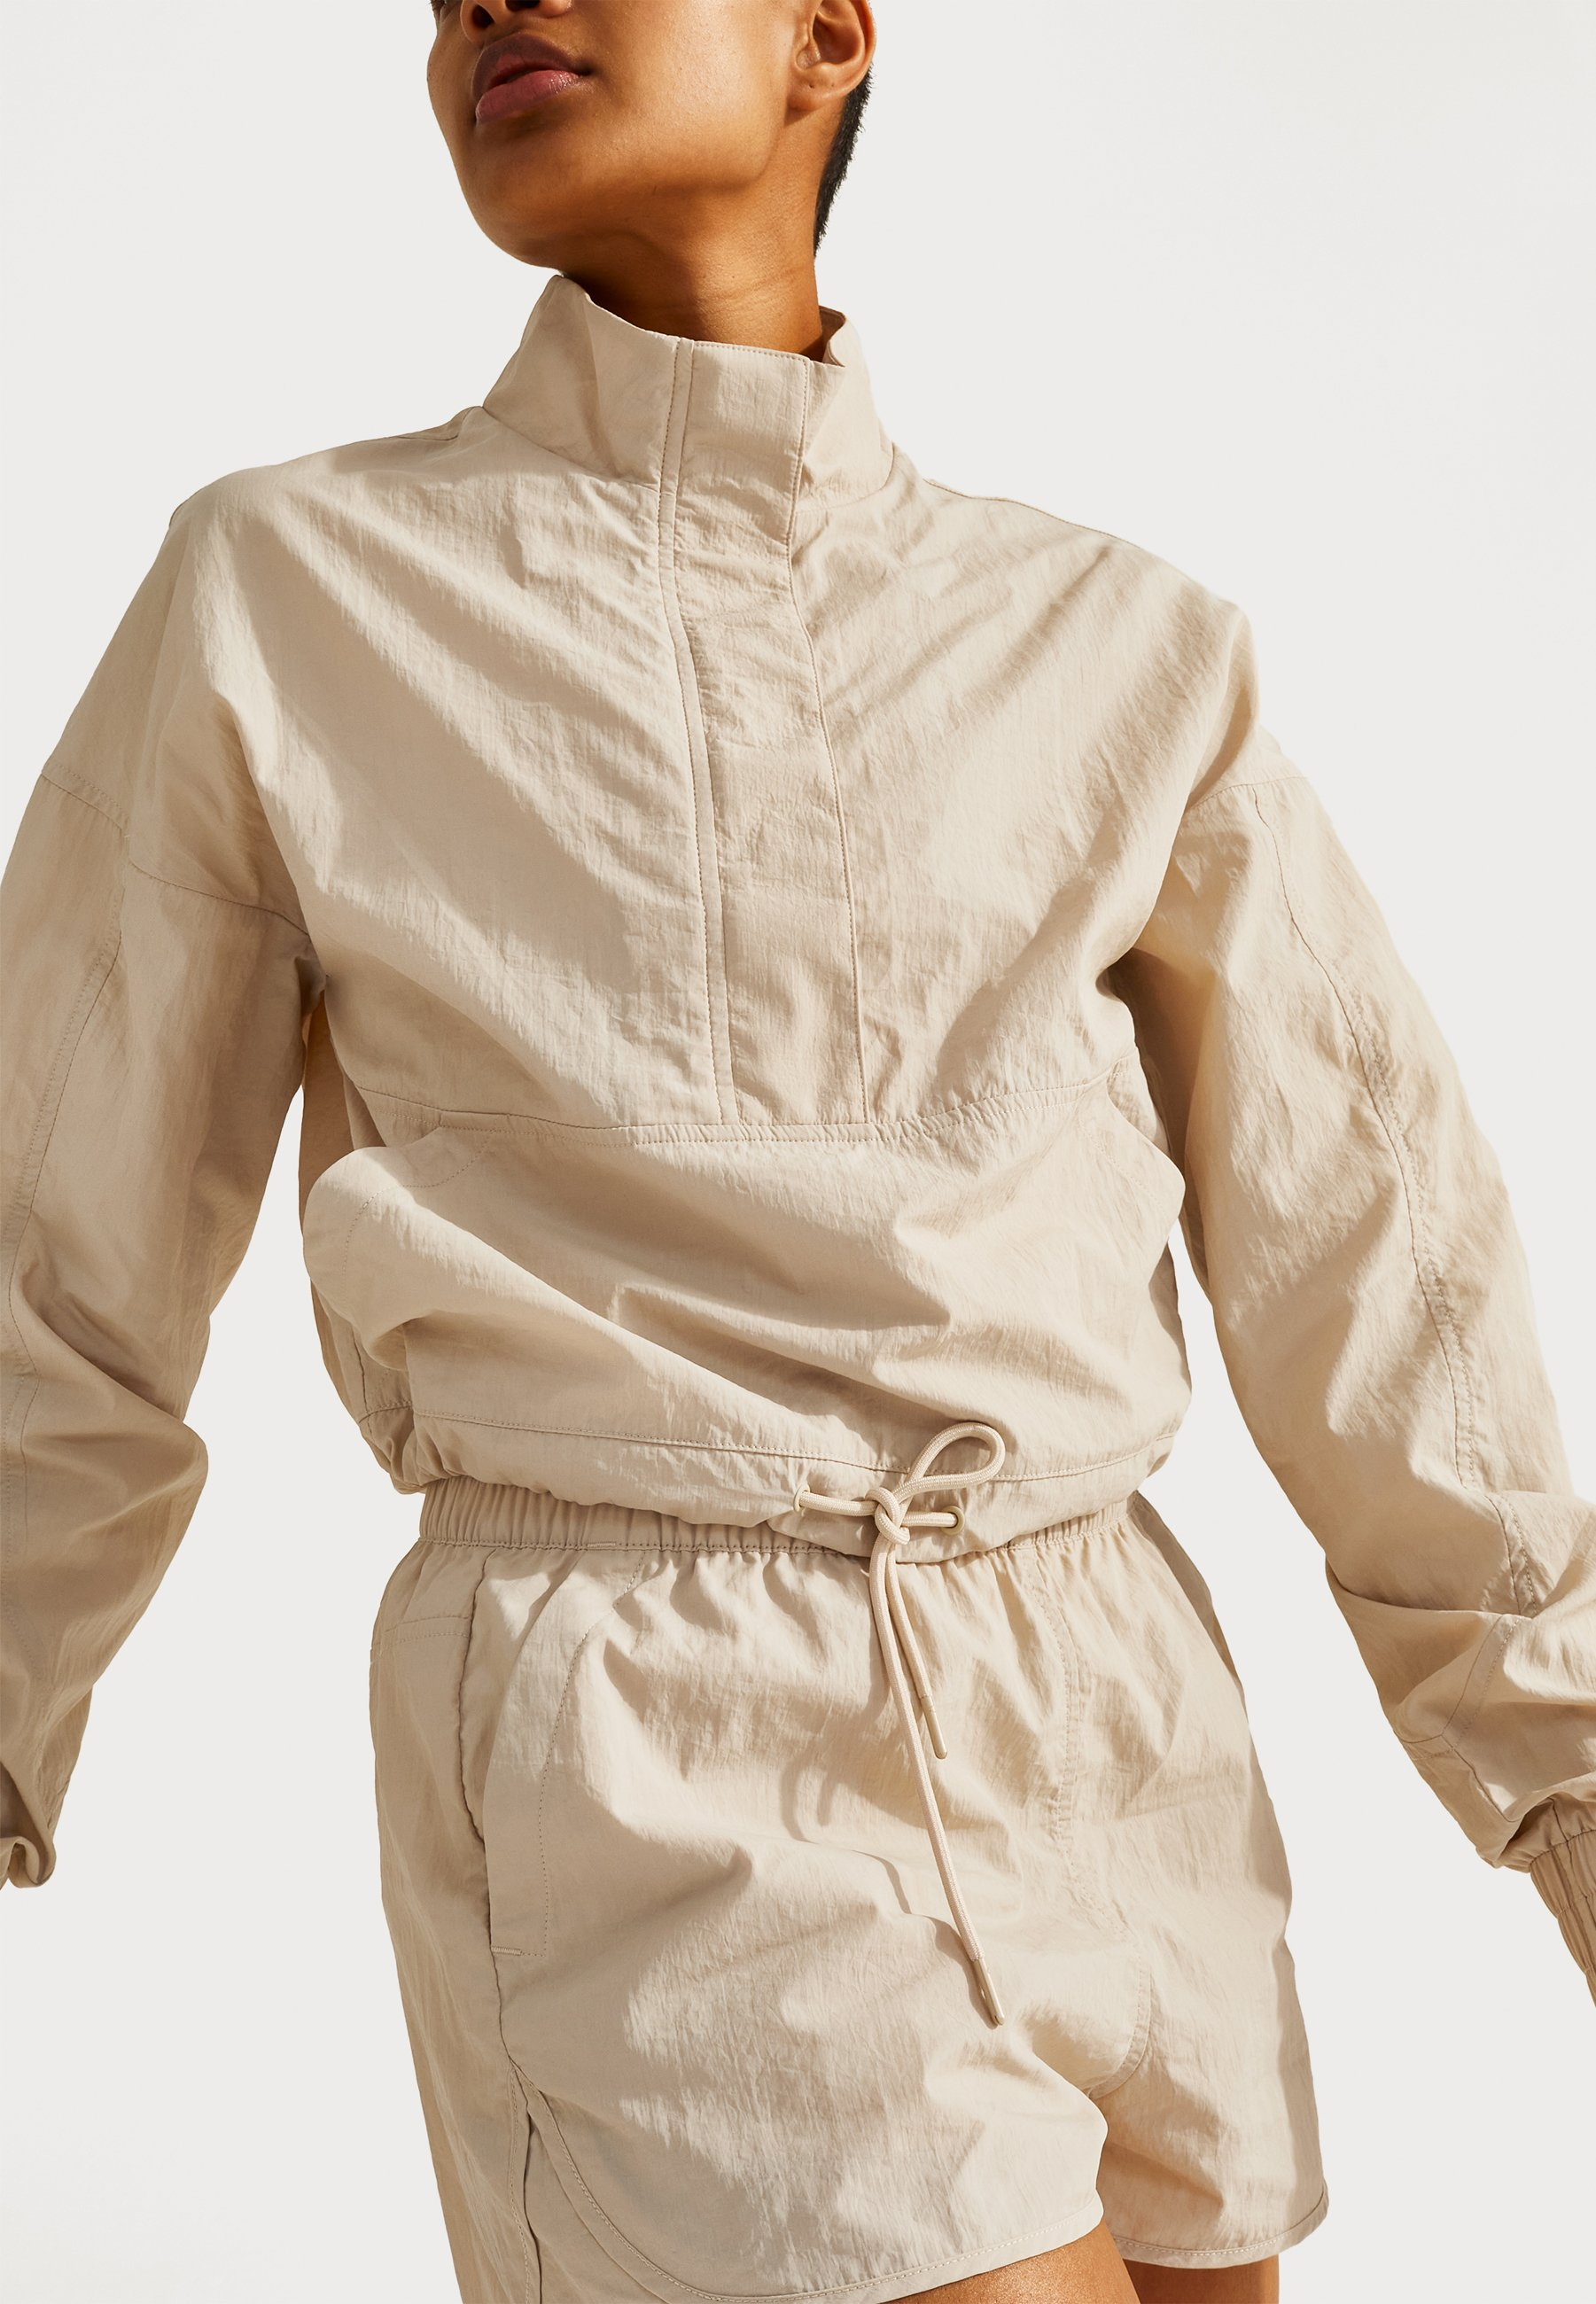 Donna SWEATY BETTY X HALLE BERRY LETICIA TRACK - Maglietta a manica lunga